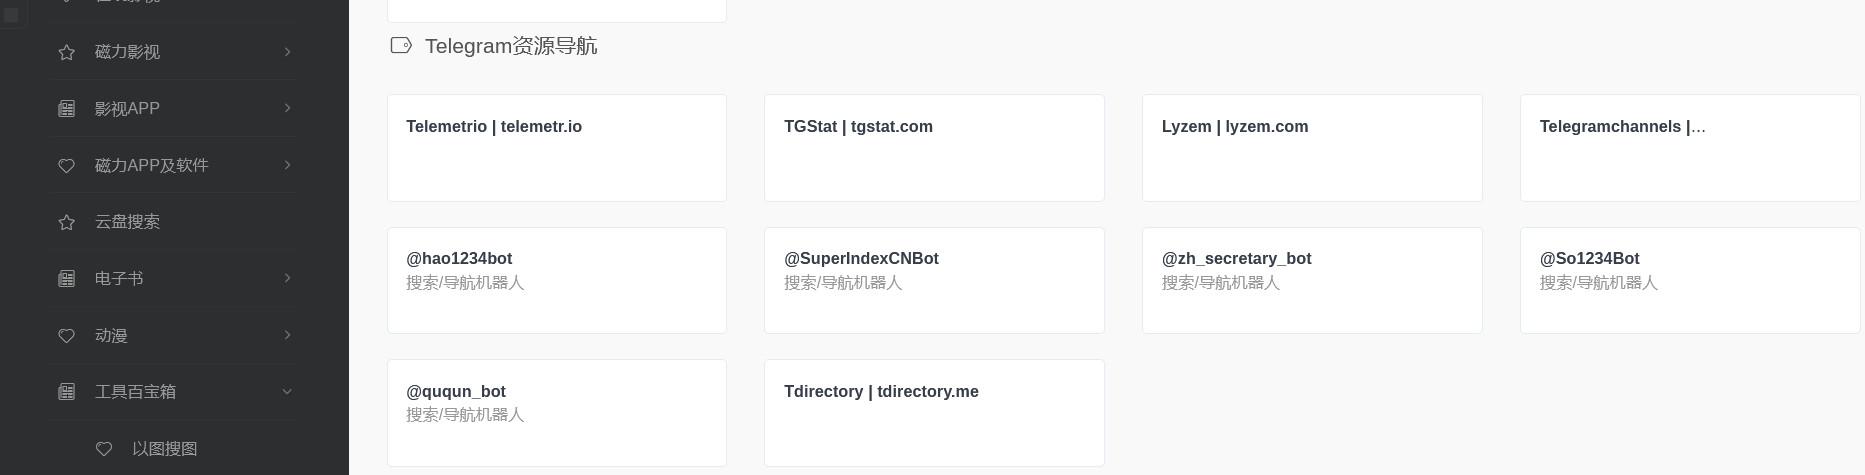 """聚BT 新增""""Telegram资源导航""""子板块"""